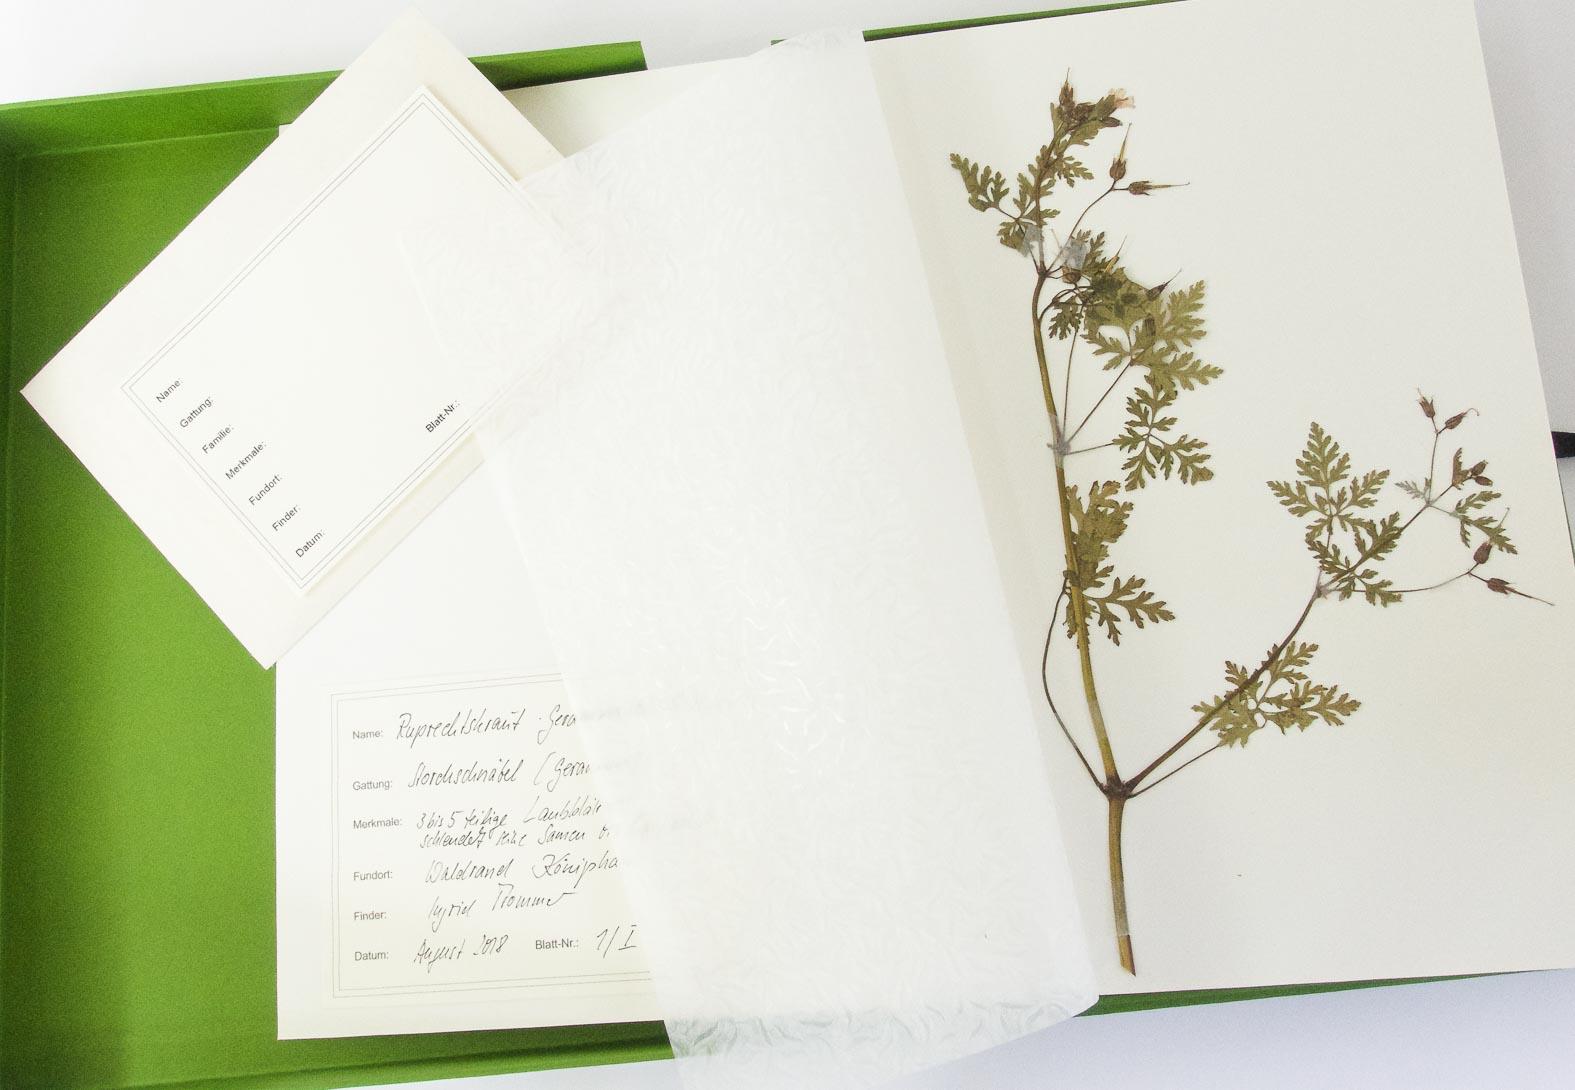 Sammelmappe für gepresste Pflanzen